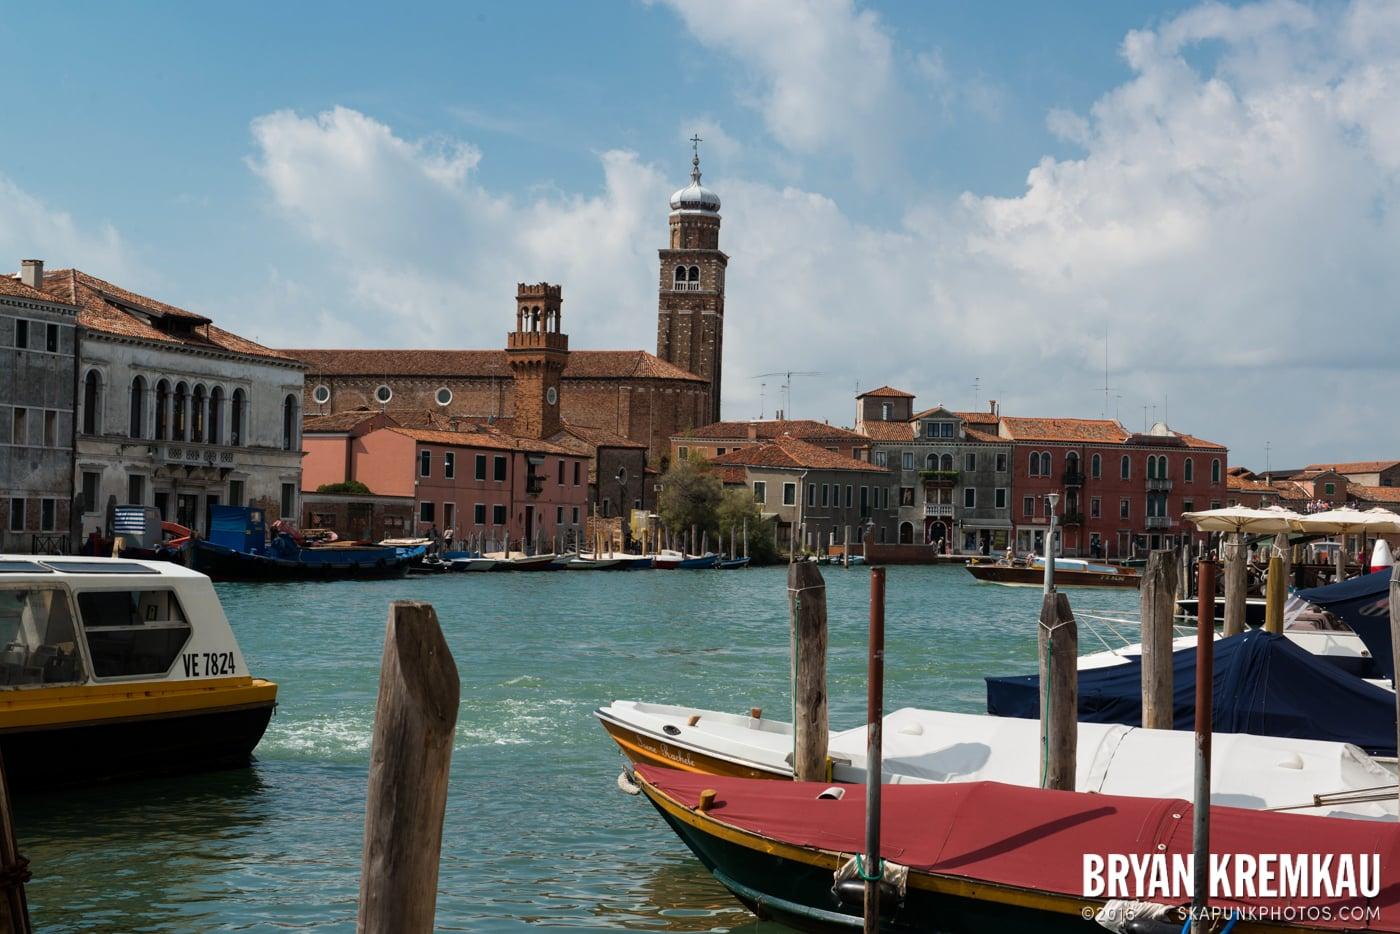 Italy Vacation - Day 6: Murano, Burano, Venice - 9.14.13 (76)